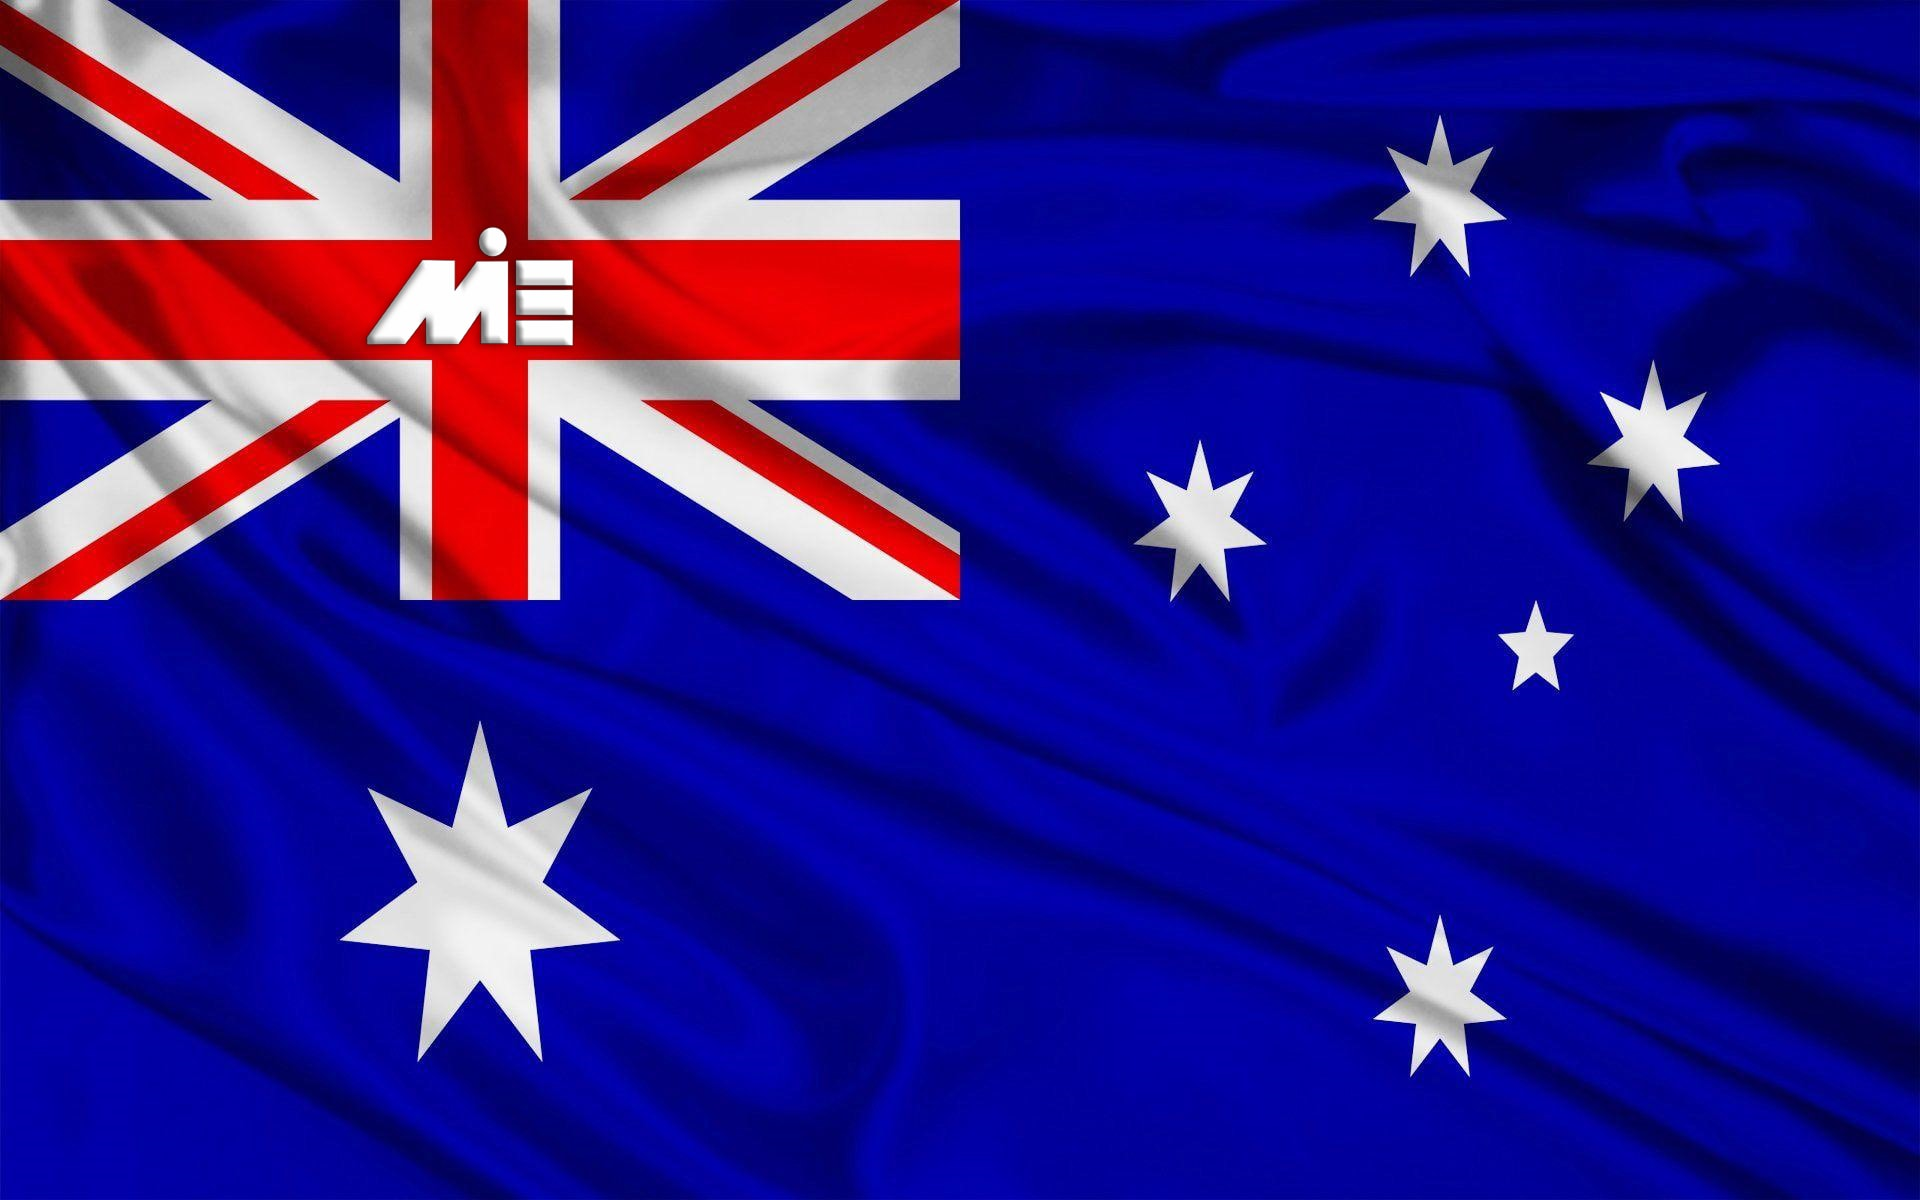 پرچم استرالیا | مهاجرت به استرالیا | اقامت استرالیا